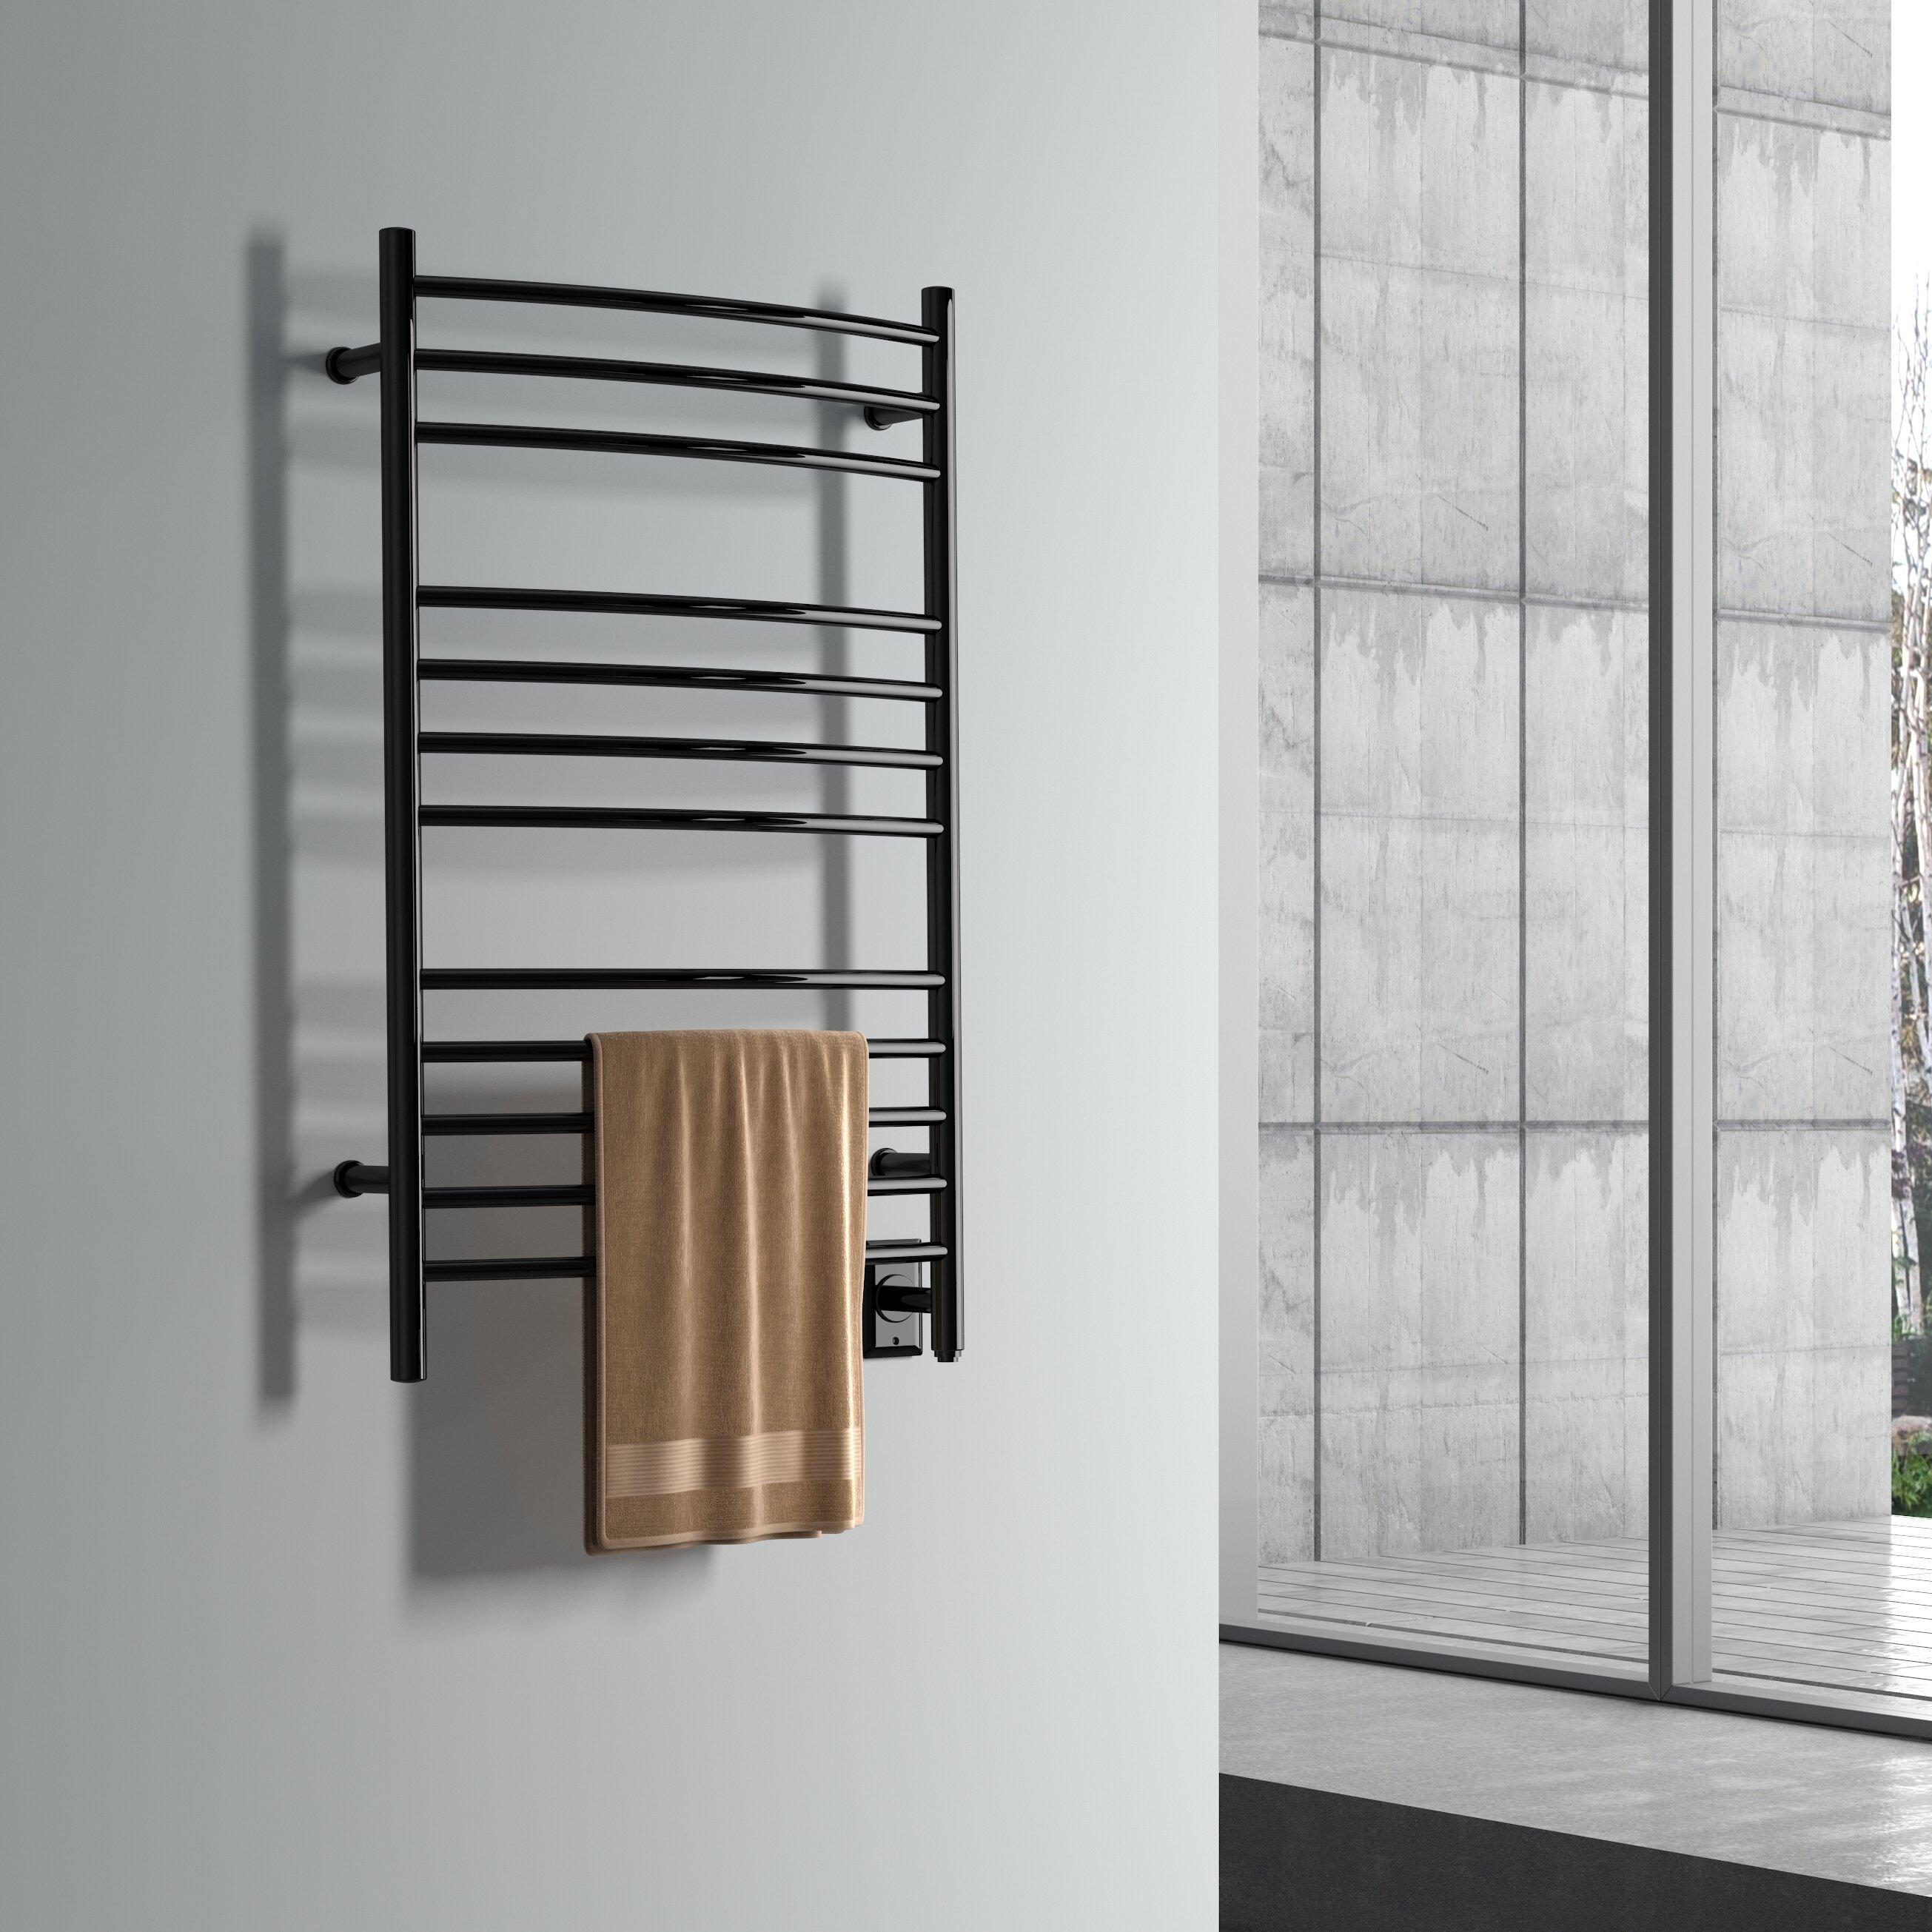 Bathroom Ladder Rack Towel Warmers You Ll Love In 2021 Wayfair